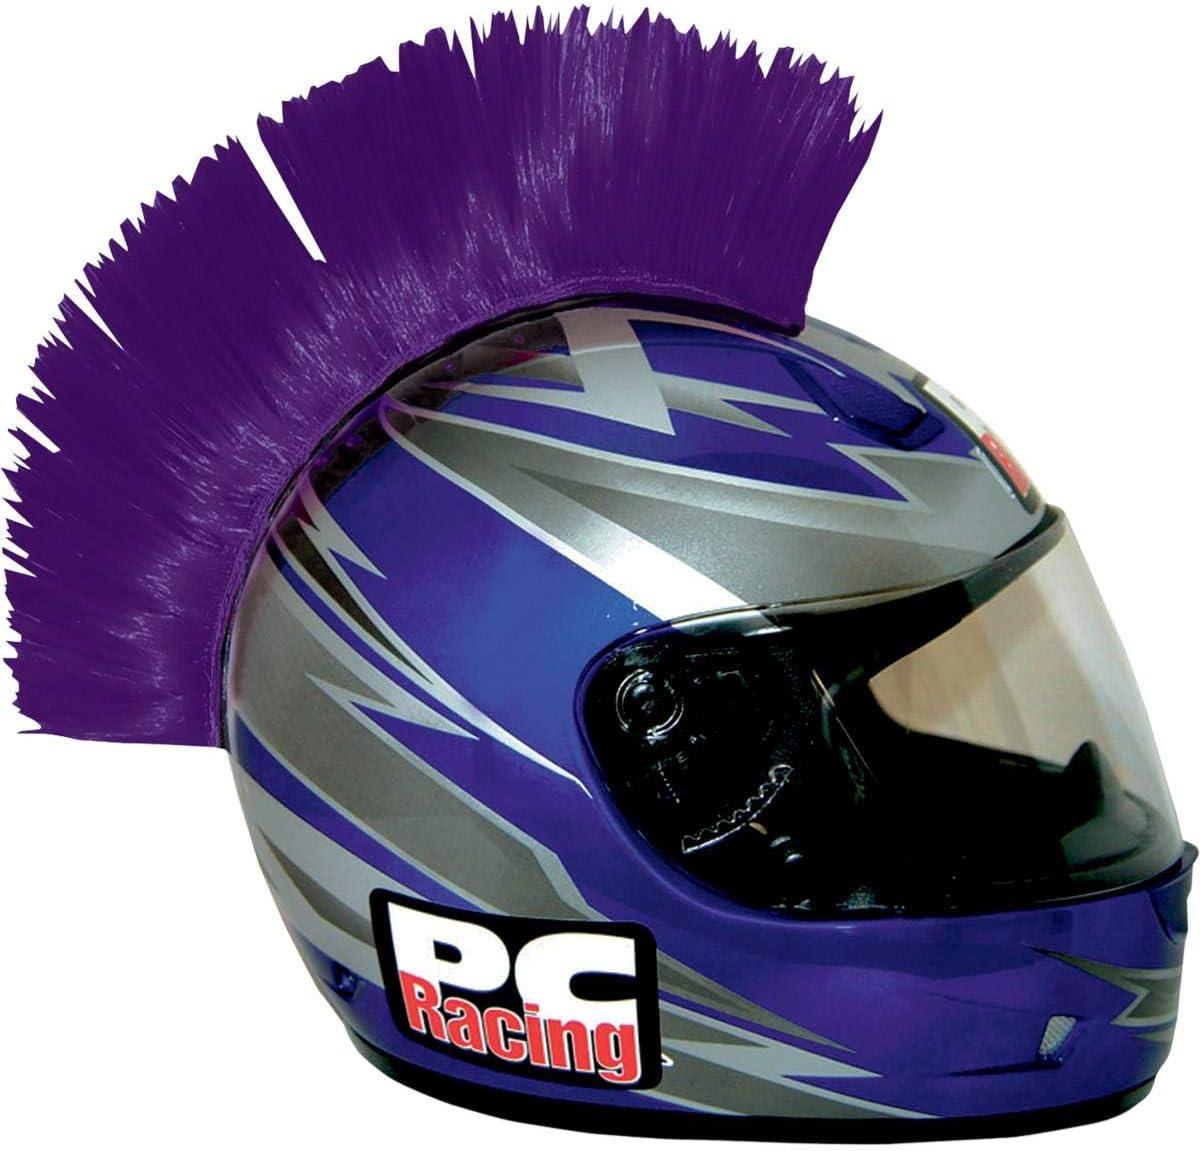 PC Racing PCHMPURPLE Helmet Mohawk Purple